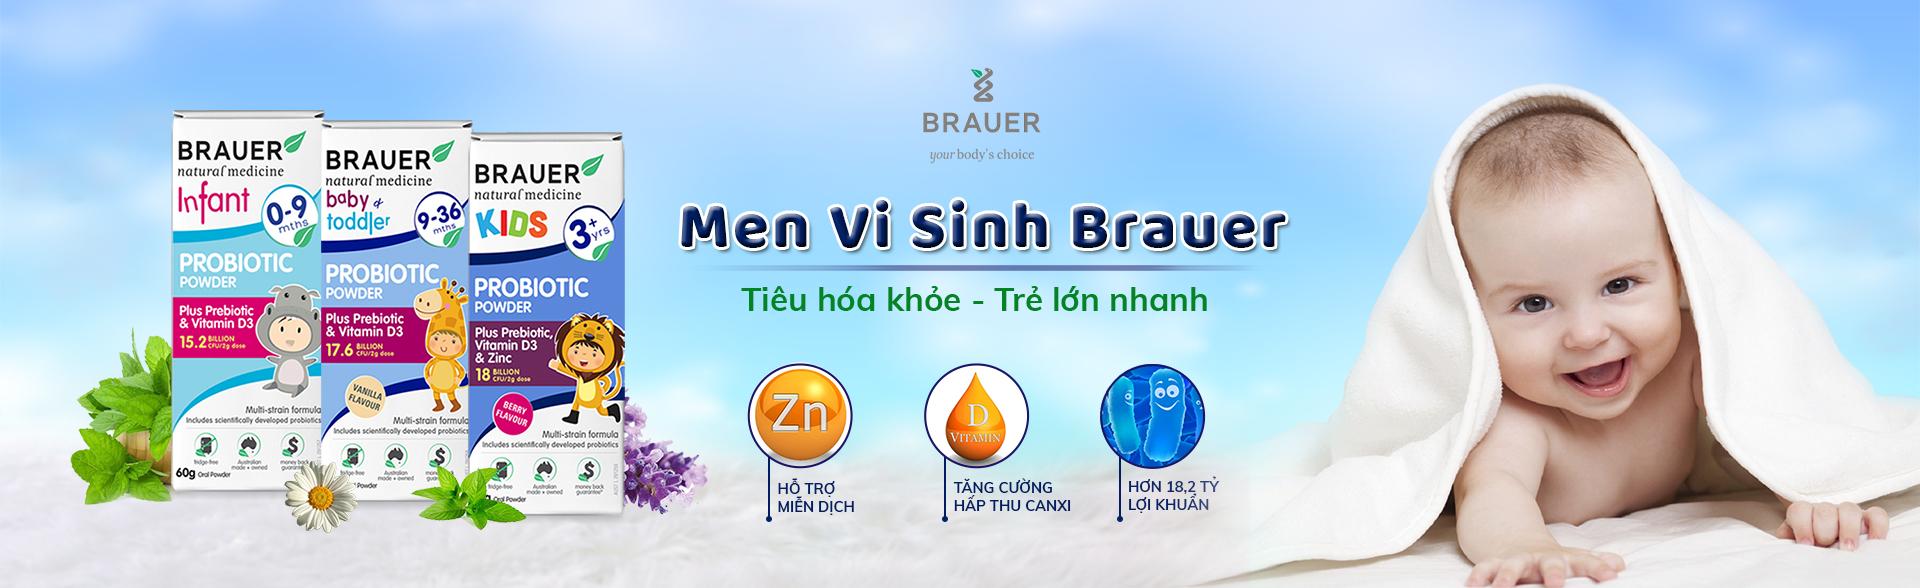 banner probiotic brauer